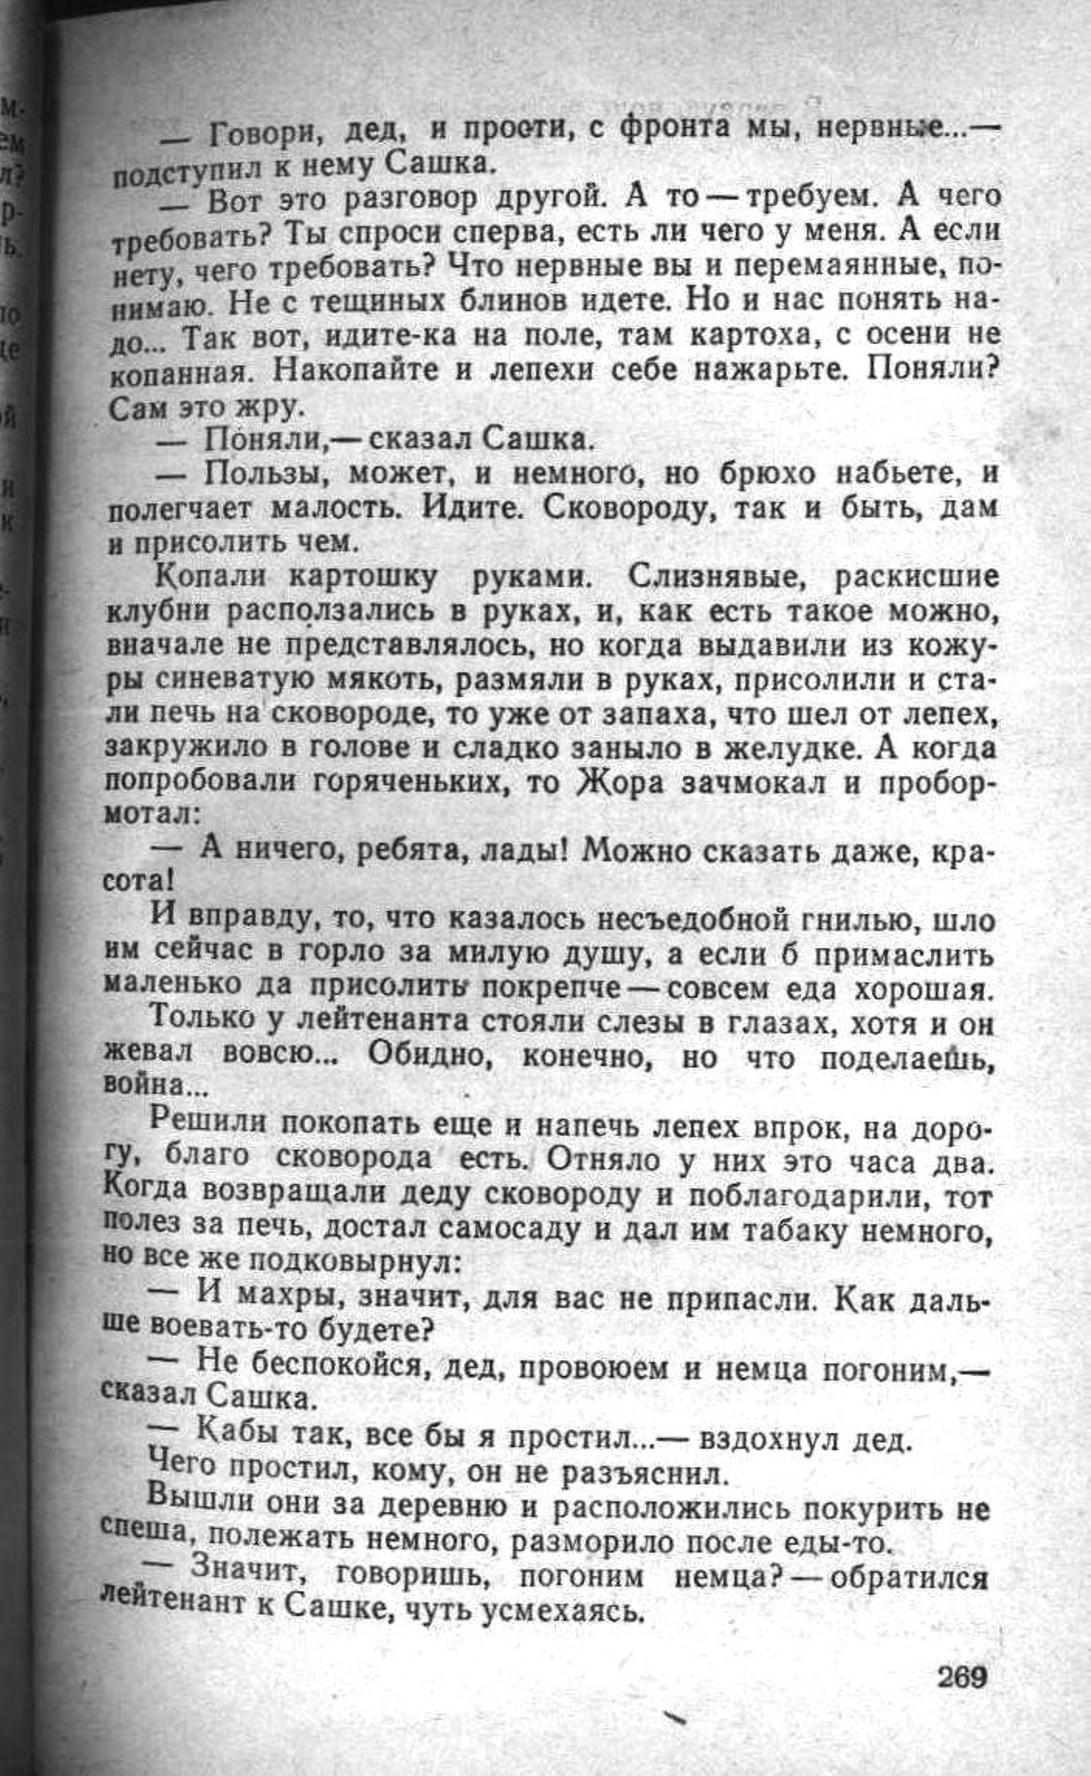 Сашка. Повесть. Вячеслав Кондратьев. 014. 002